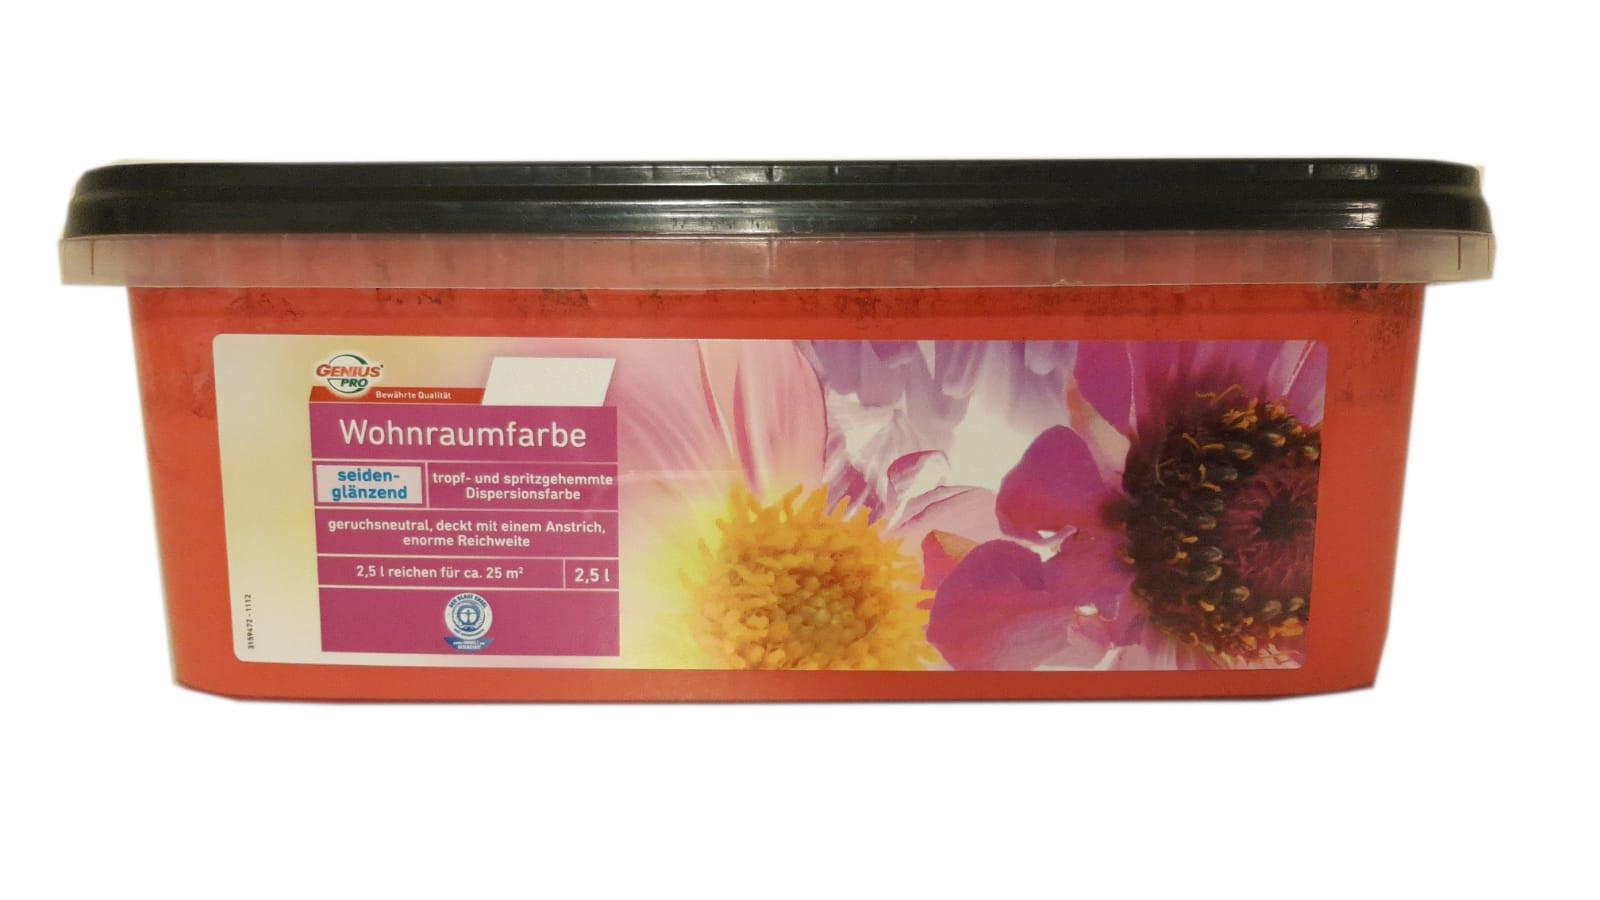 Farbige Hochleistungs-Bunte Wandfarbe  mit extrem hoher Ergiebigkeit  Wohnraumfarbe Seidenglänzend 2,5 Liter